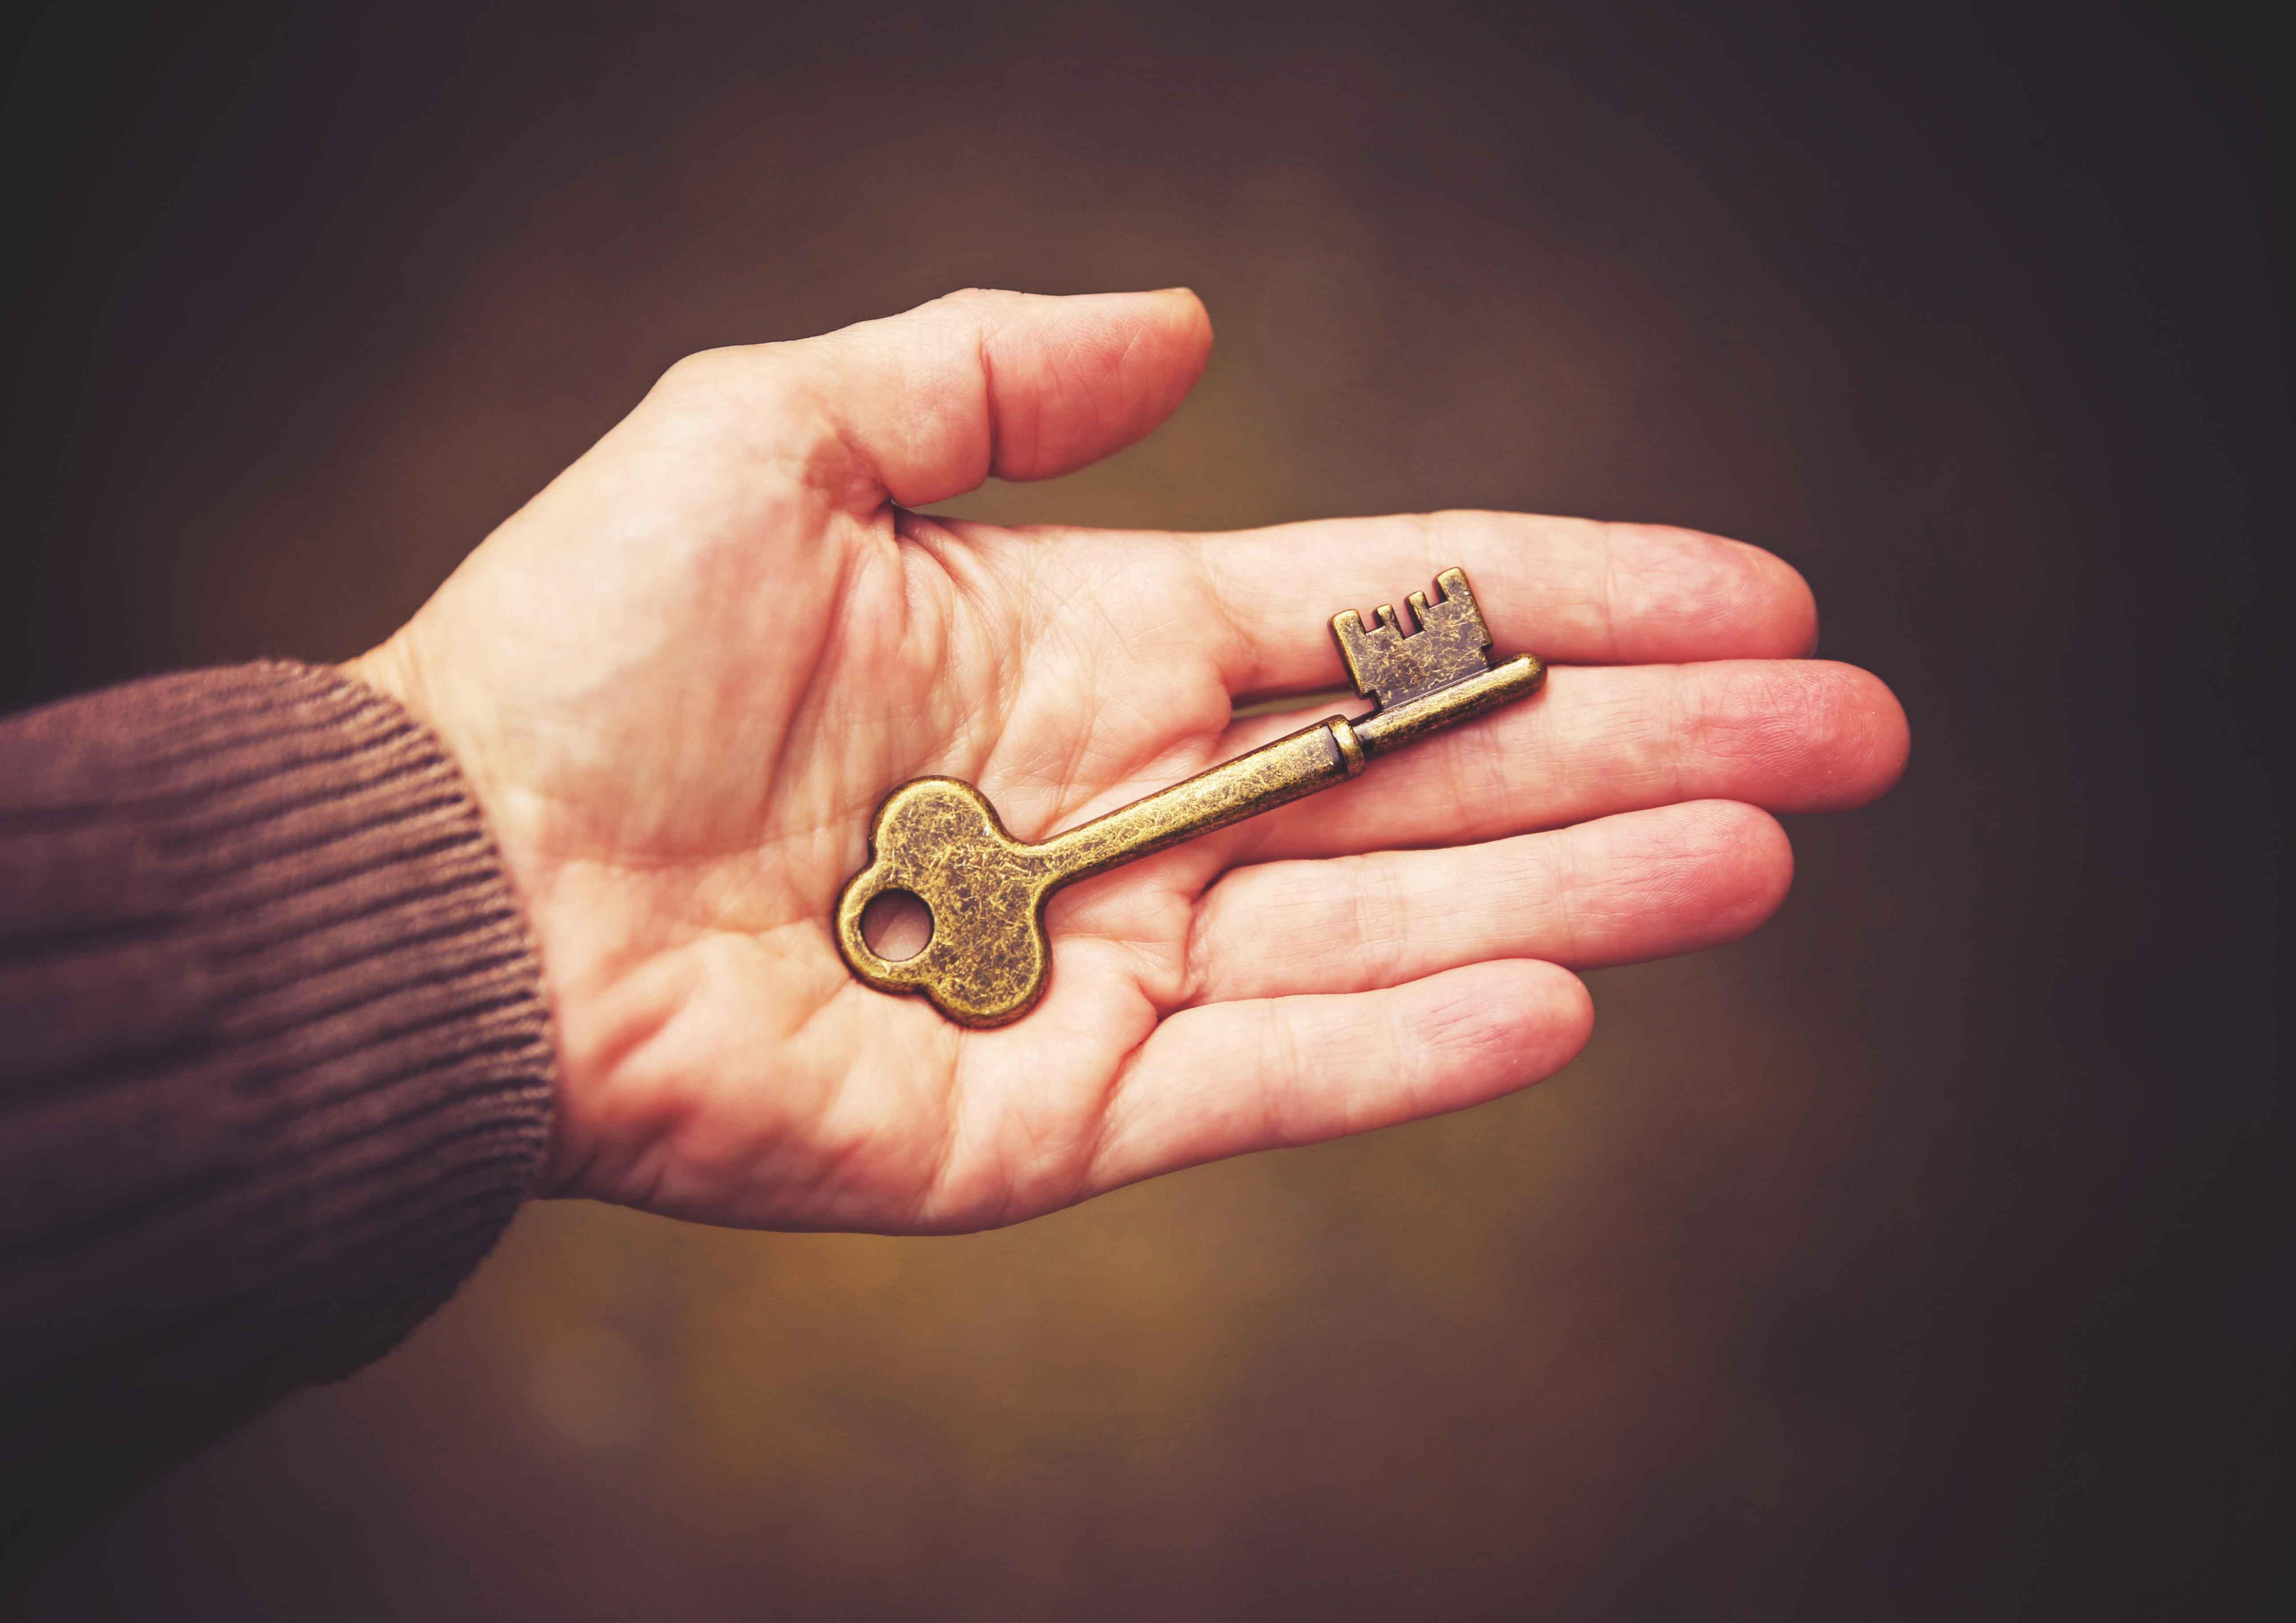 Mano con llave